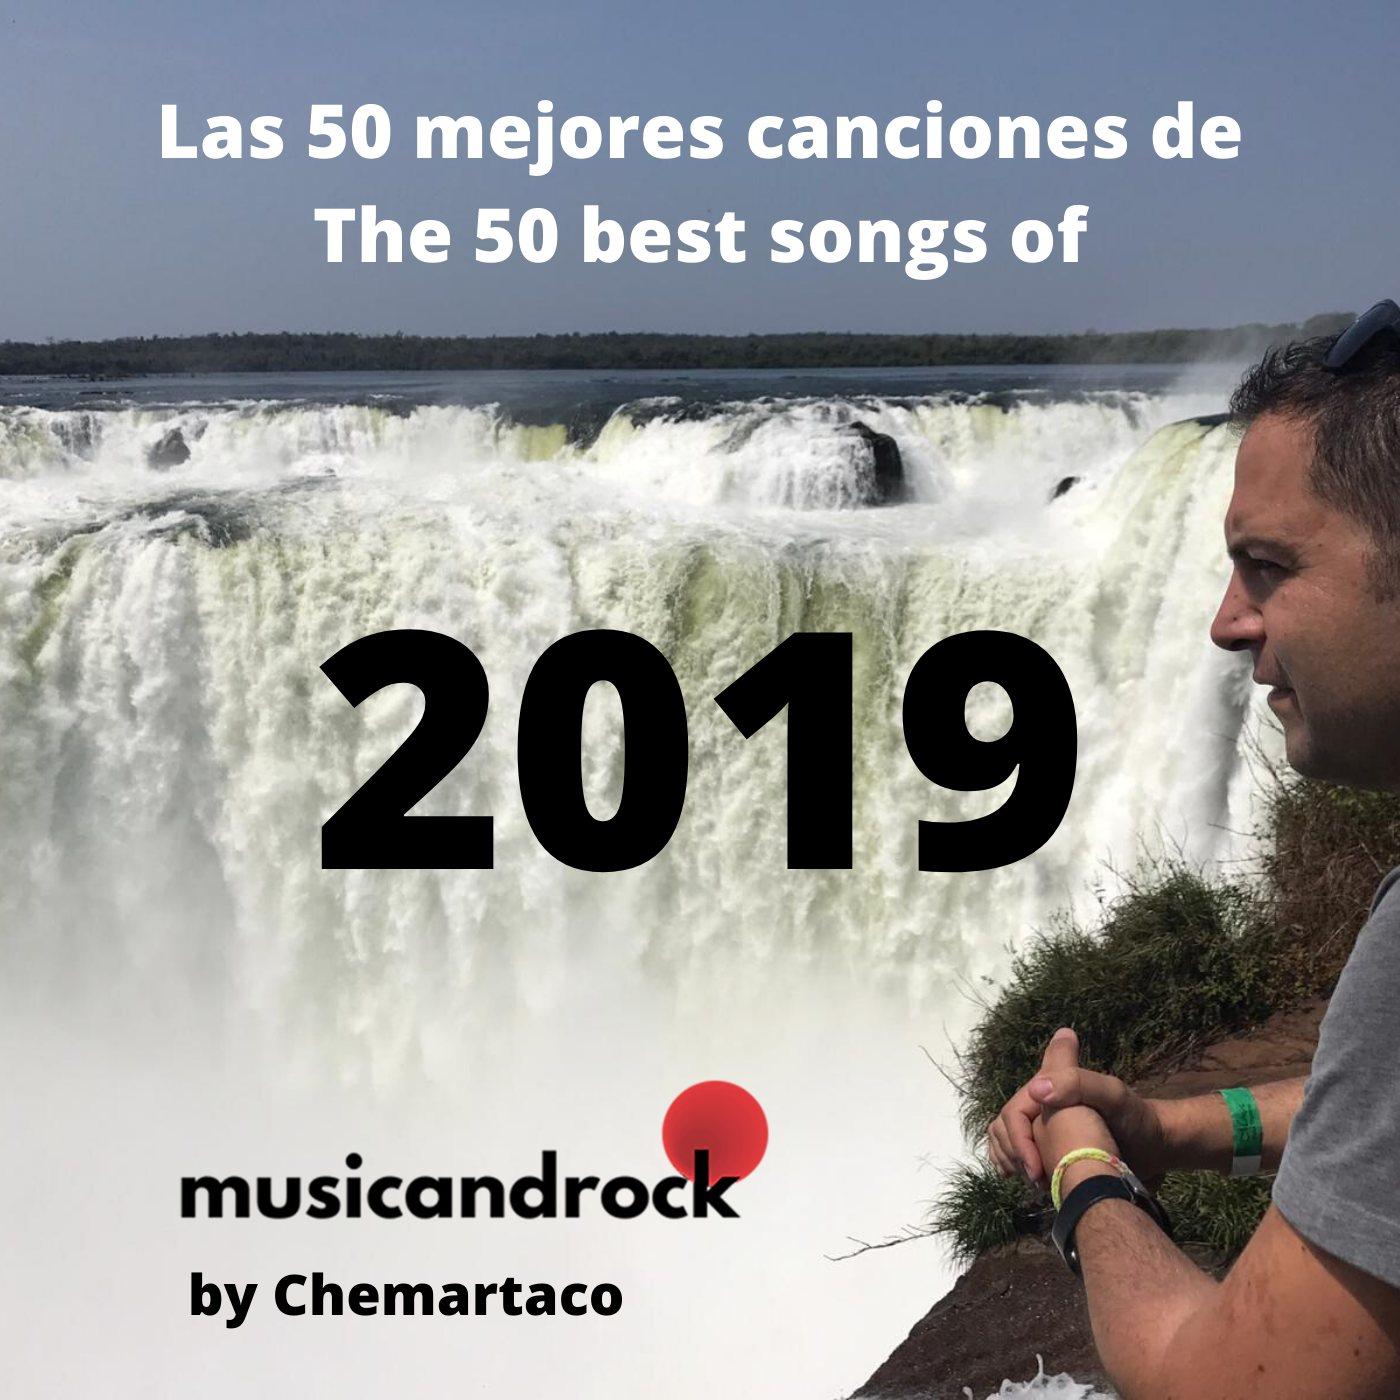 Las 50 mejores canciones de 2019 * The 50 best songs of 2019